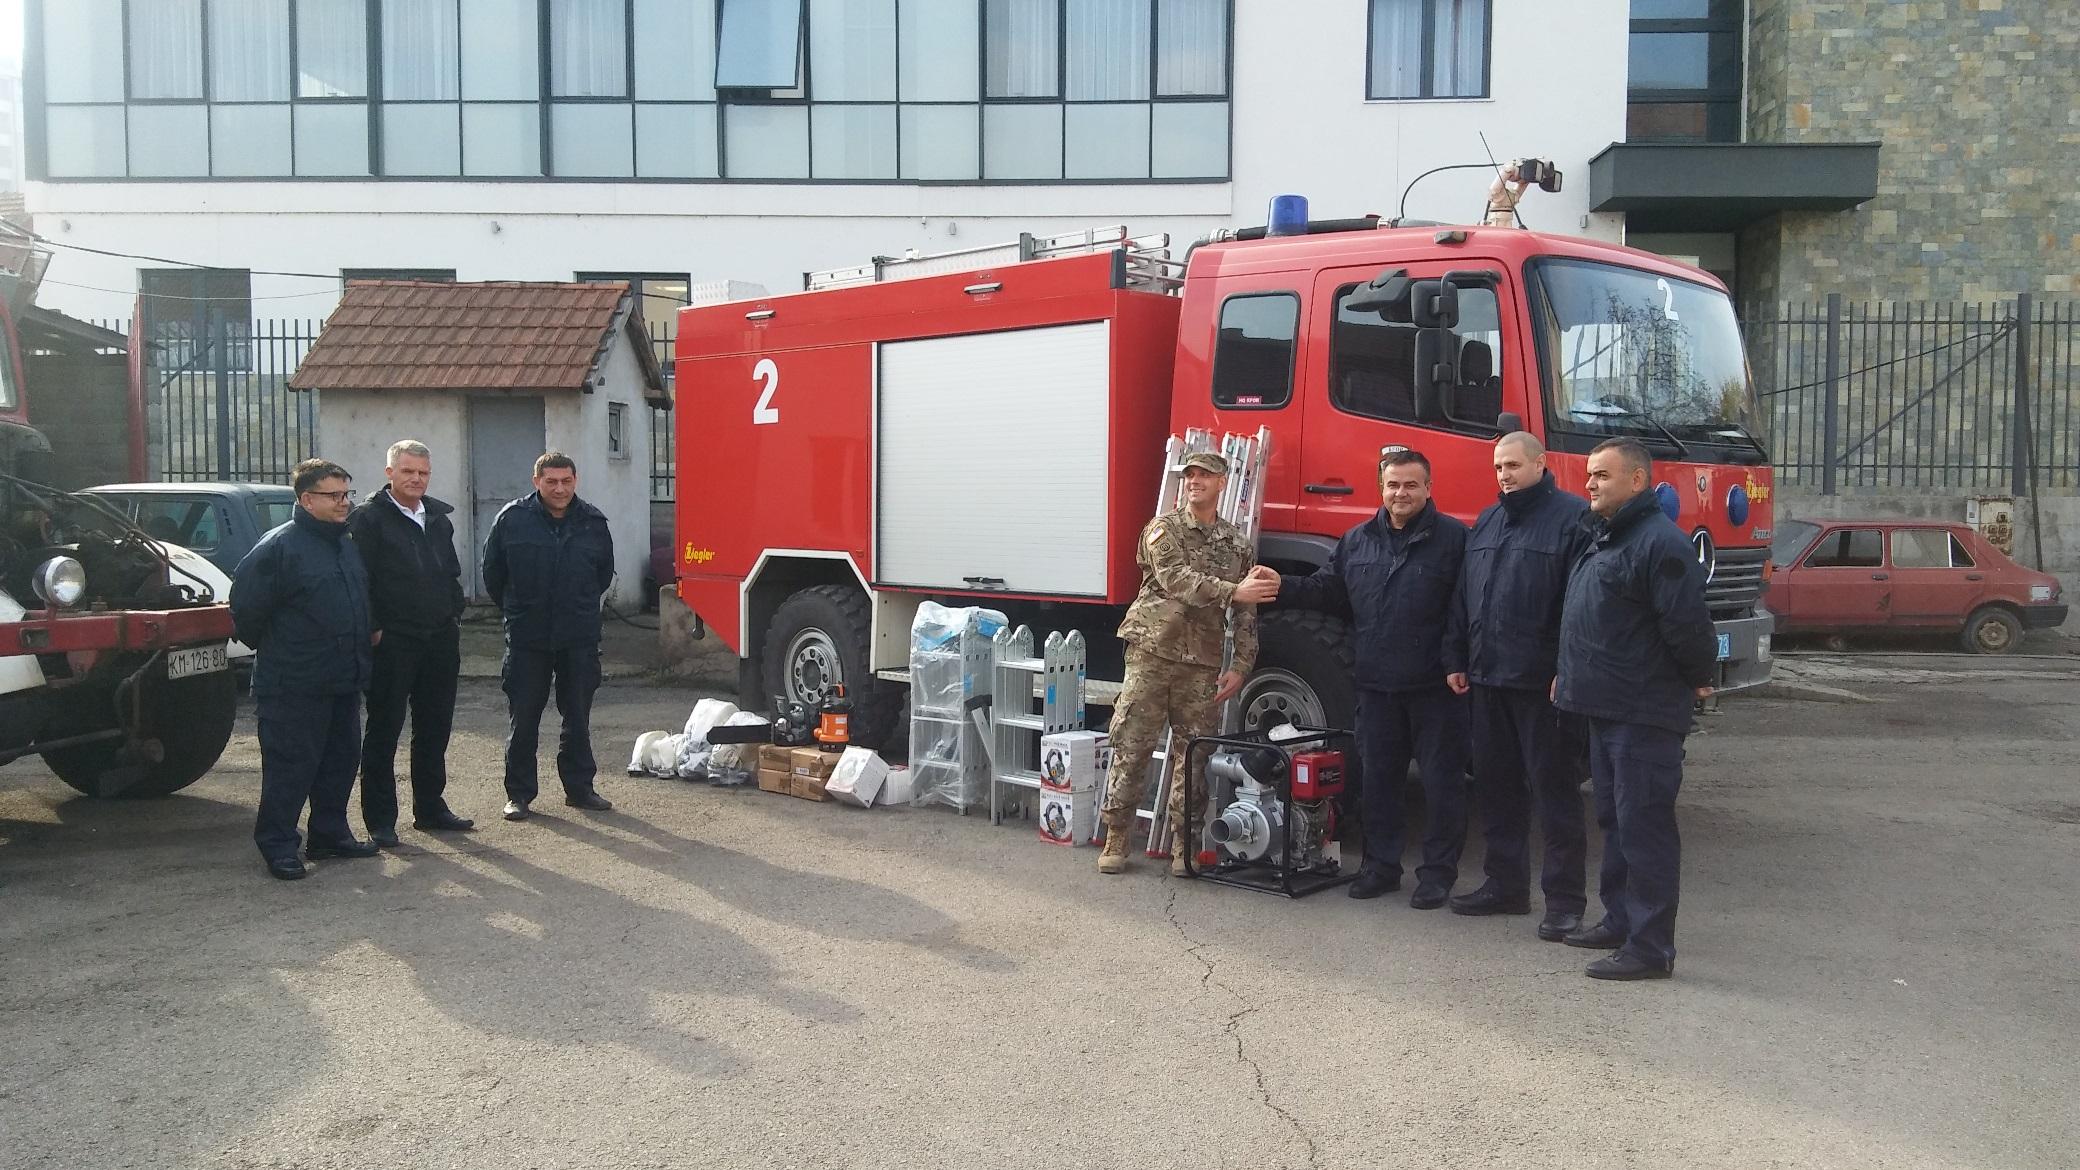 kfor-donirao-opremu-vatrogasnoj-stanici-u-mitrovici-foto